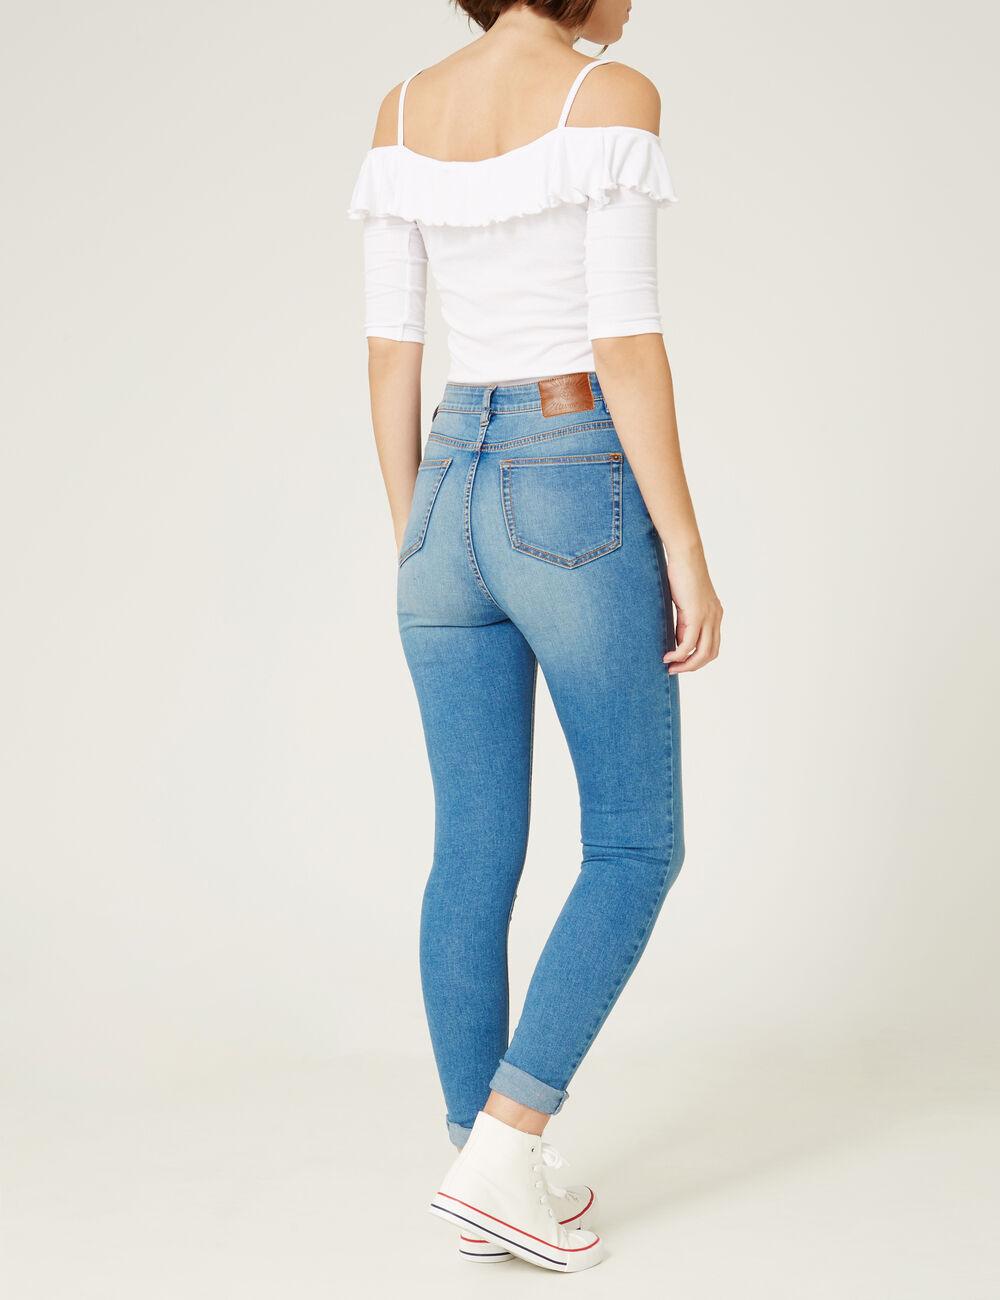 Beliebt Pantalon Femme : Destroy, Push-Up, Fluide… • Jennyfer TS53